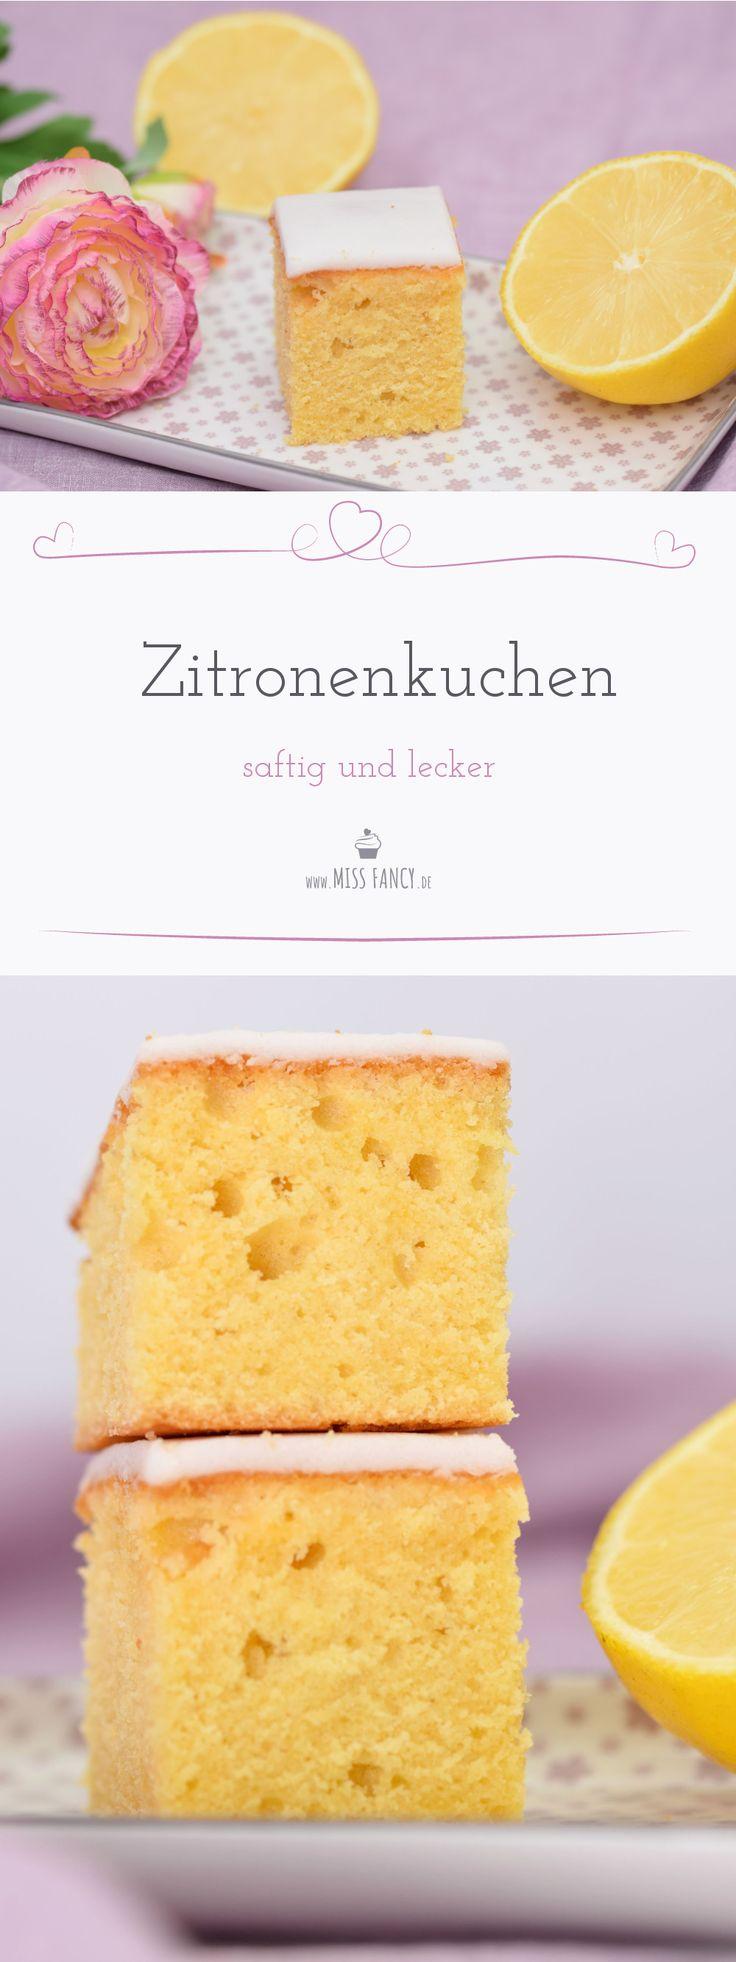 Saftiger und fluffiger Zitronenkuchen. Ein Grundrezept aus Rührteig mit frischer Bio Zitrone, herrlicher Geschmack. Rezept von Missfancy.de